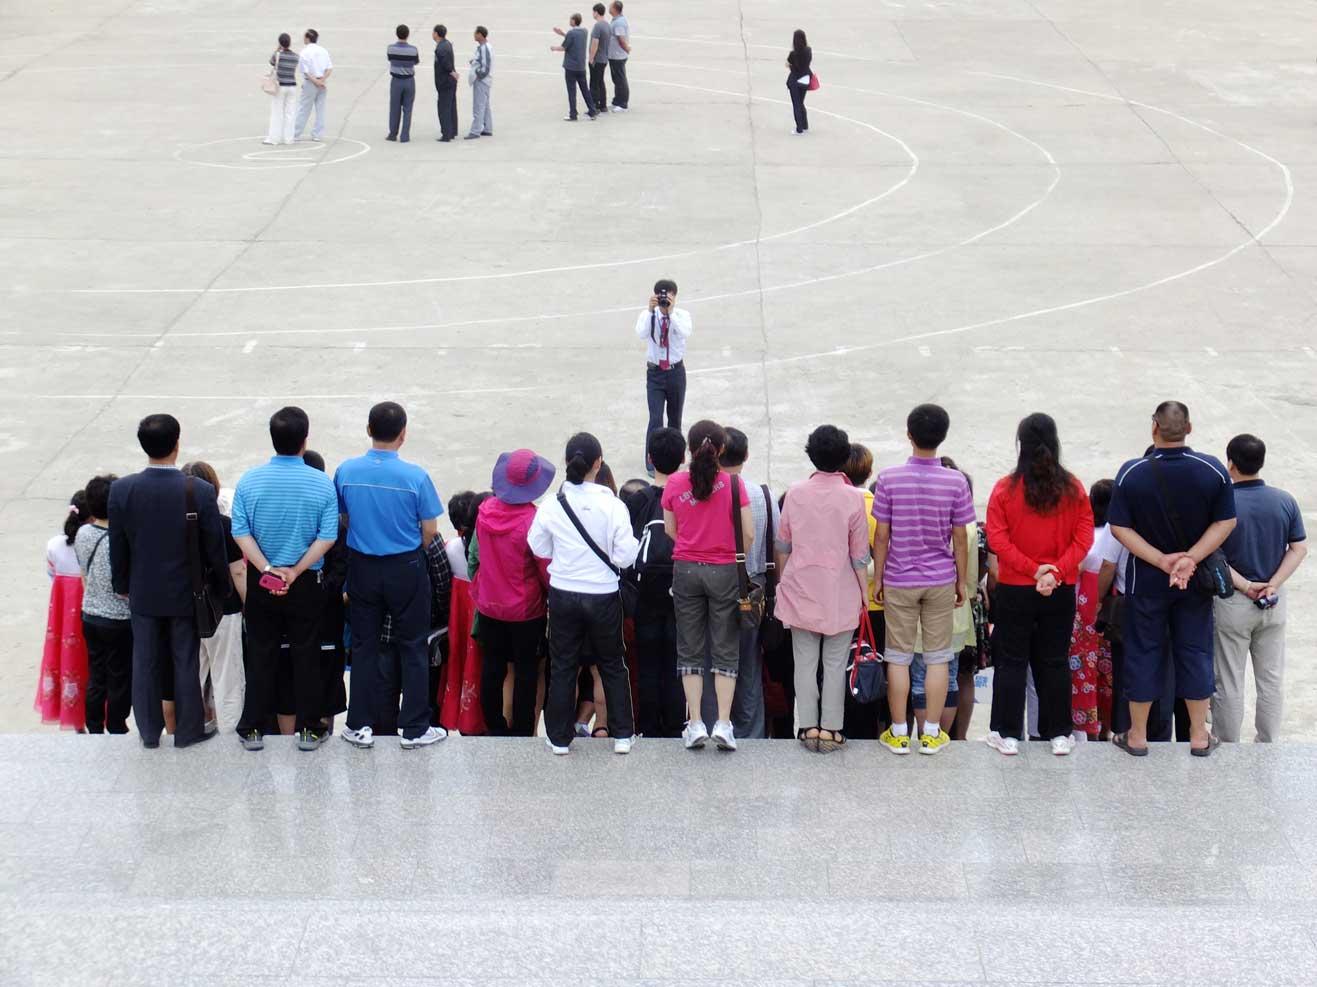 羅先(北朝鮮)で見かけた中国人観光客たち_b0235153_23463367.jpg